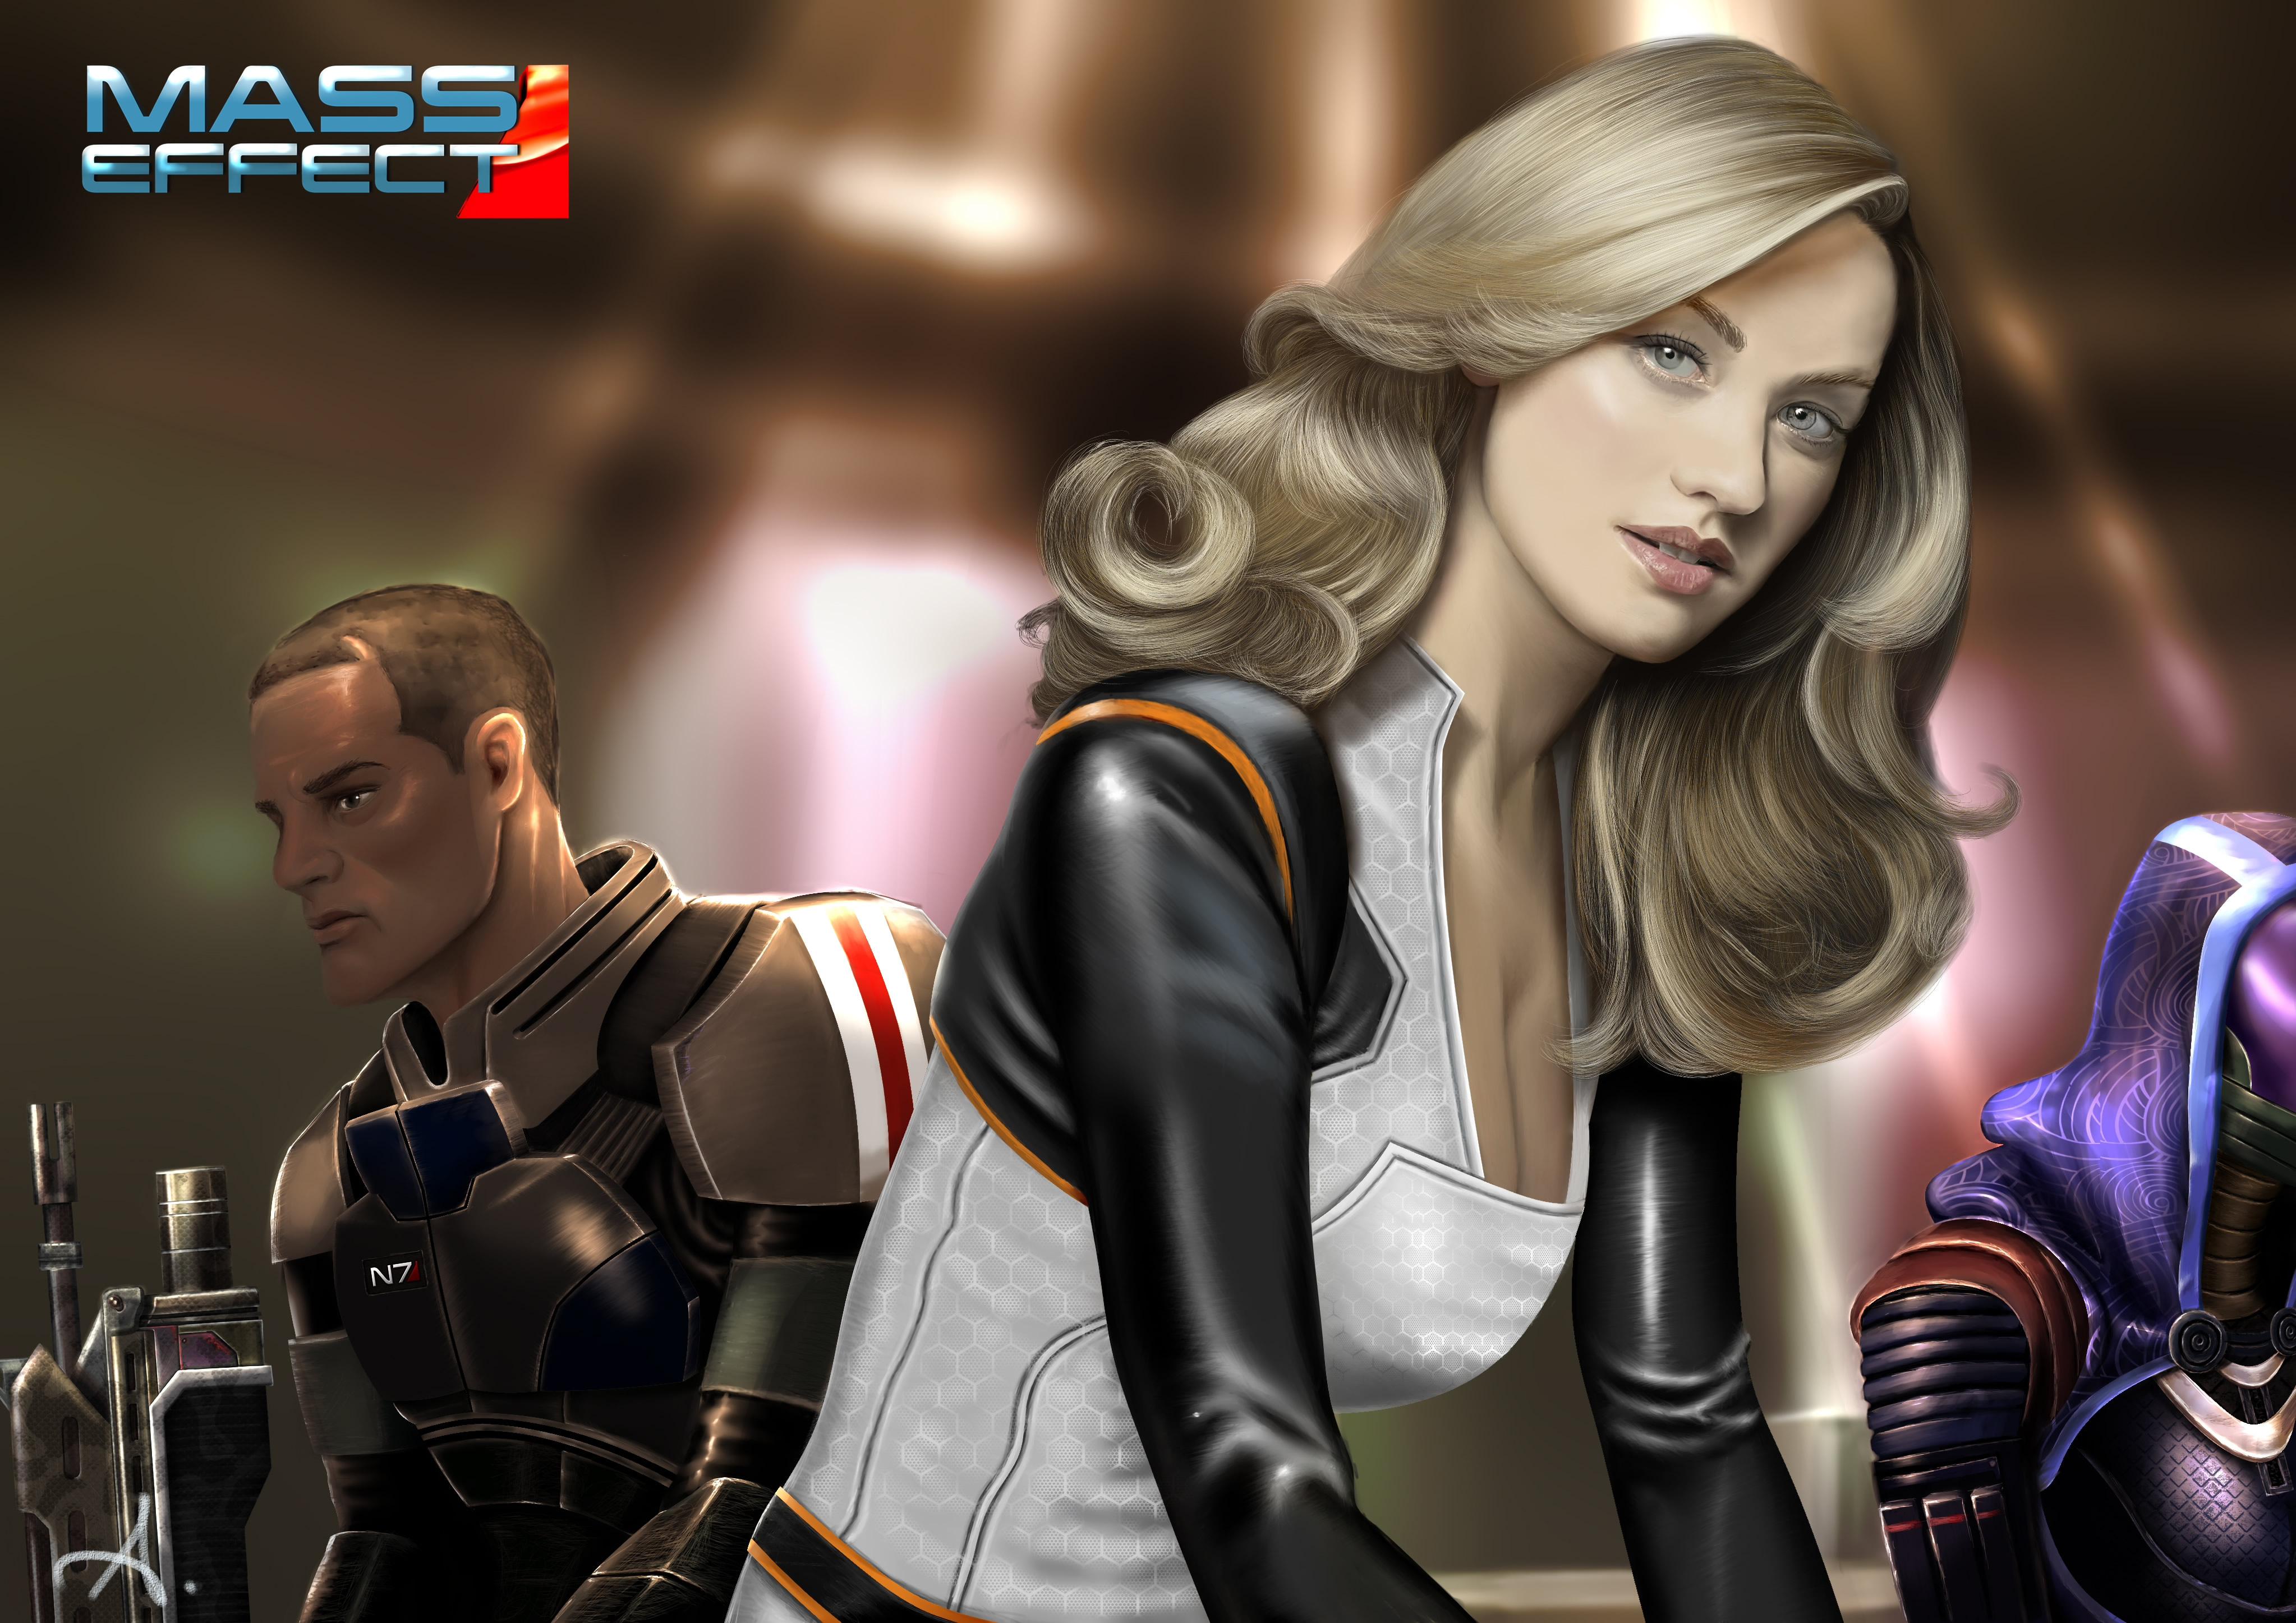 Wallpaper : Mass Effect, Yvonne Strahovski, fan art ...